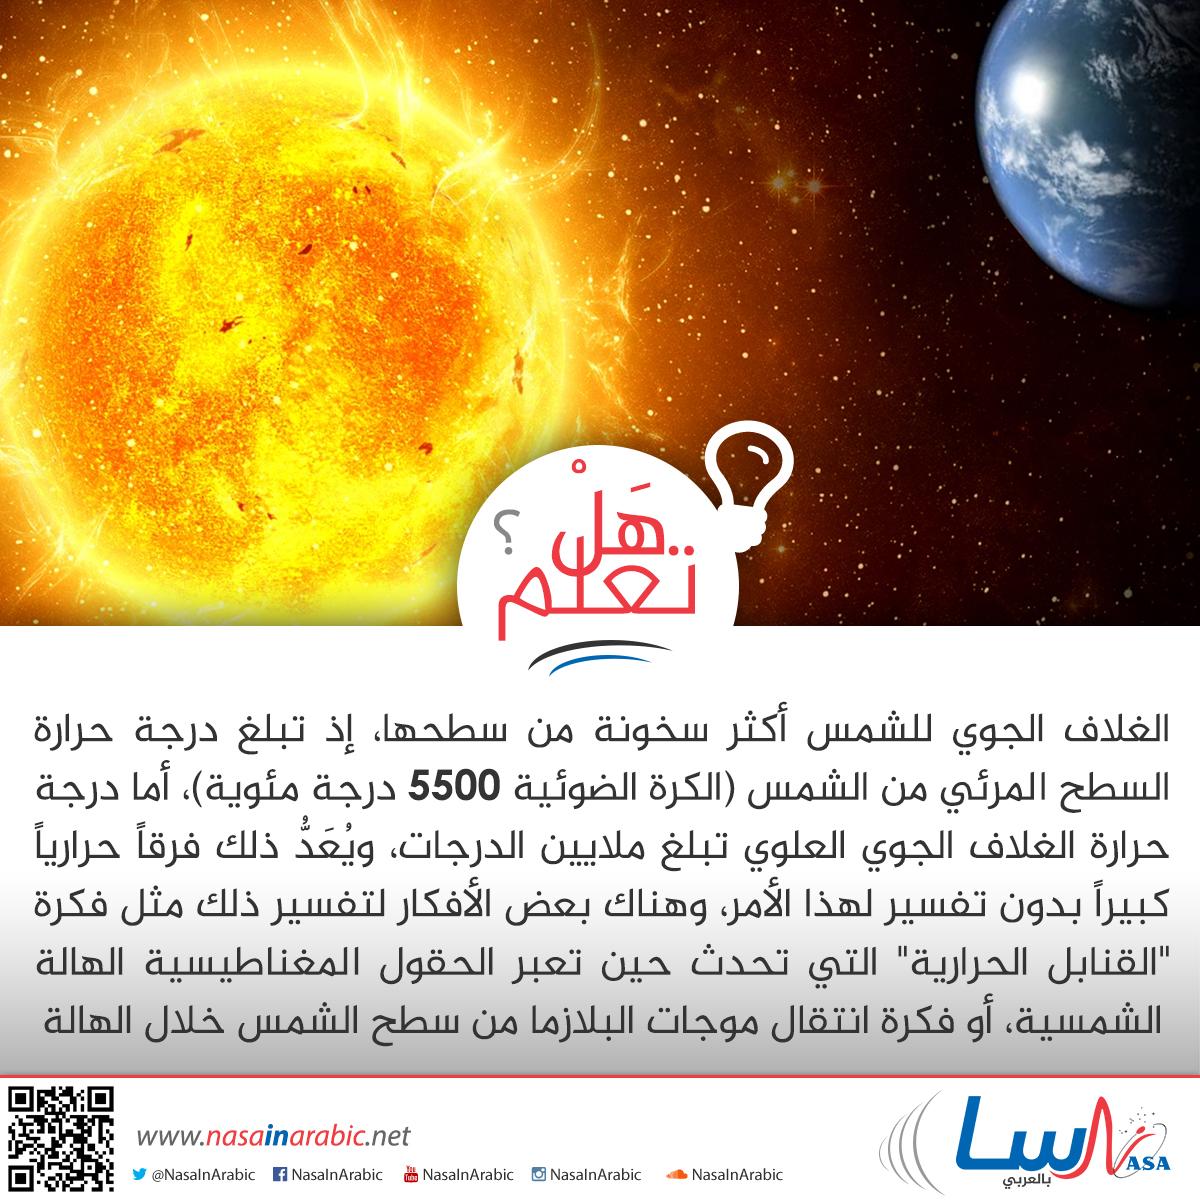 الغلاف الجوي للشمس